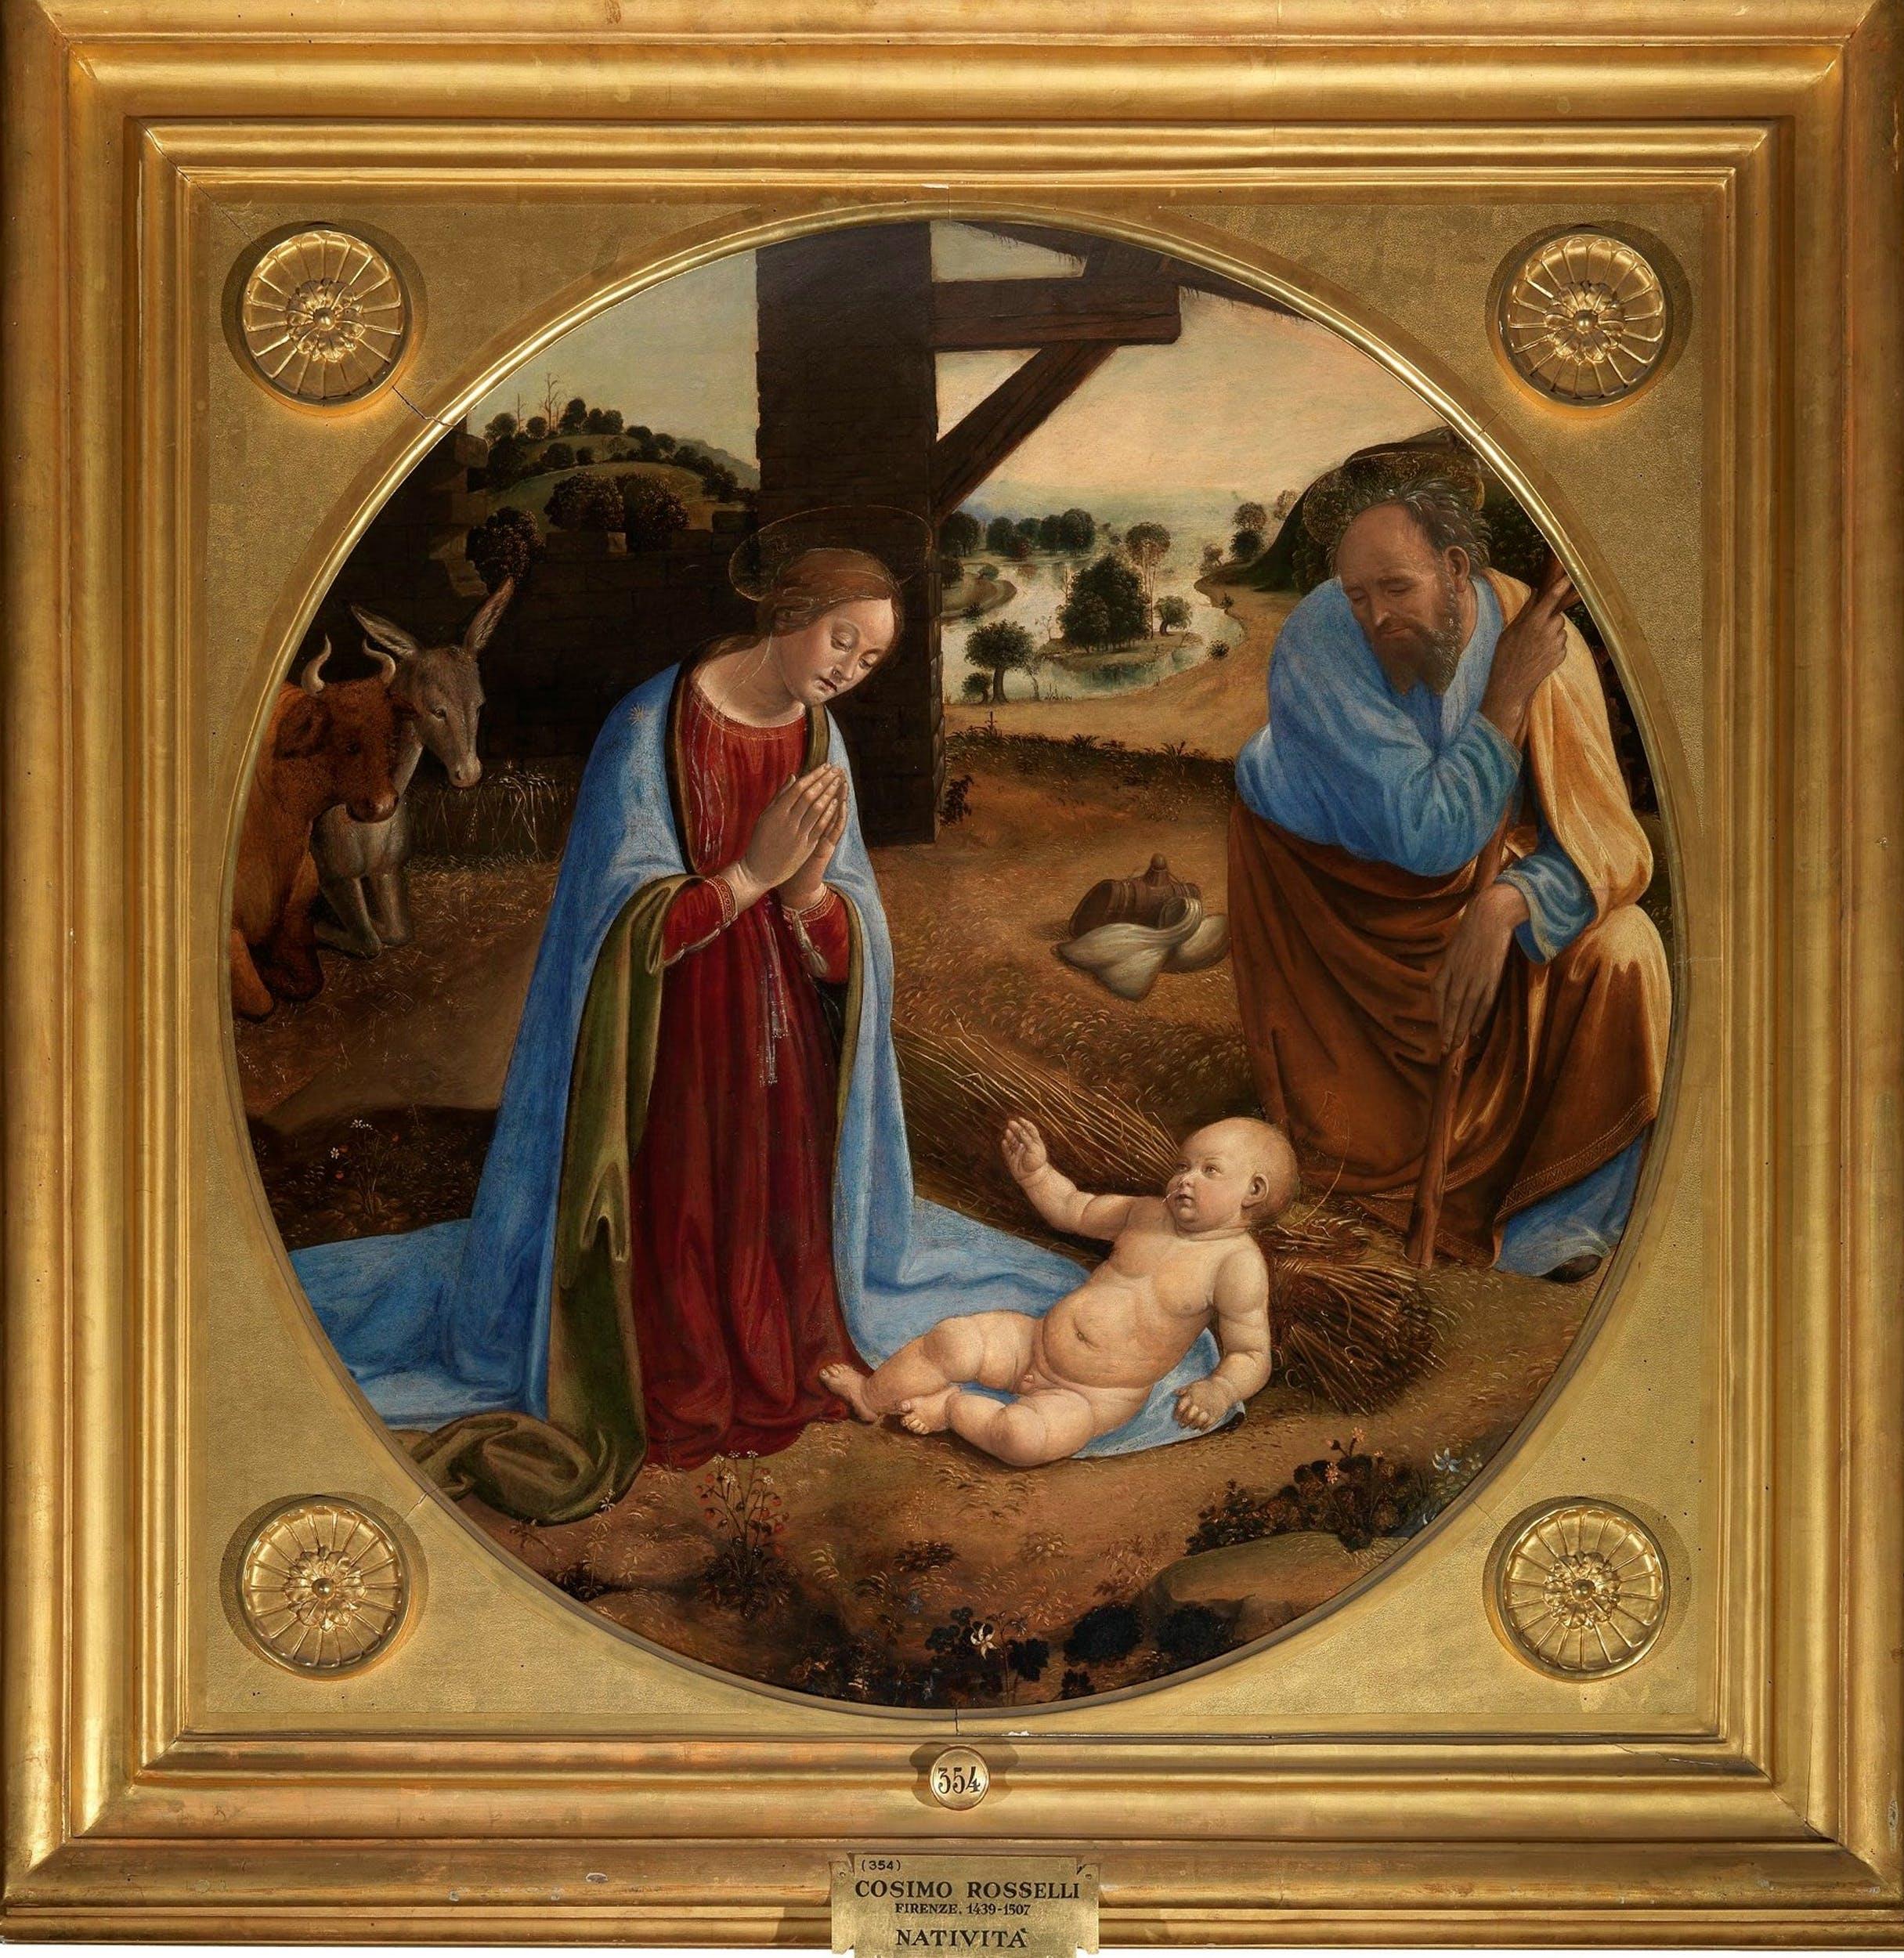 Cosimo Rosselli, Adorazione del Bambino